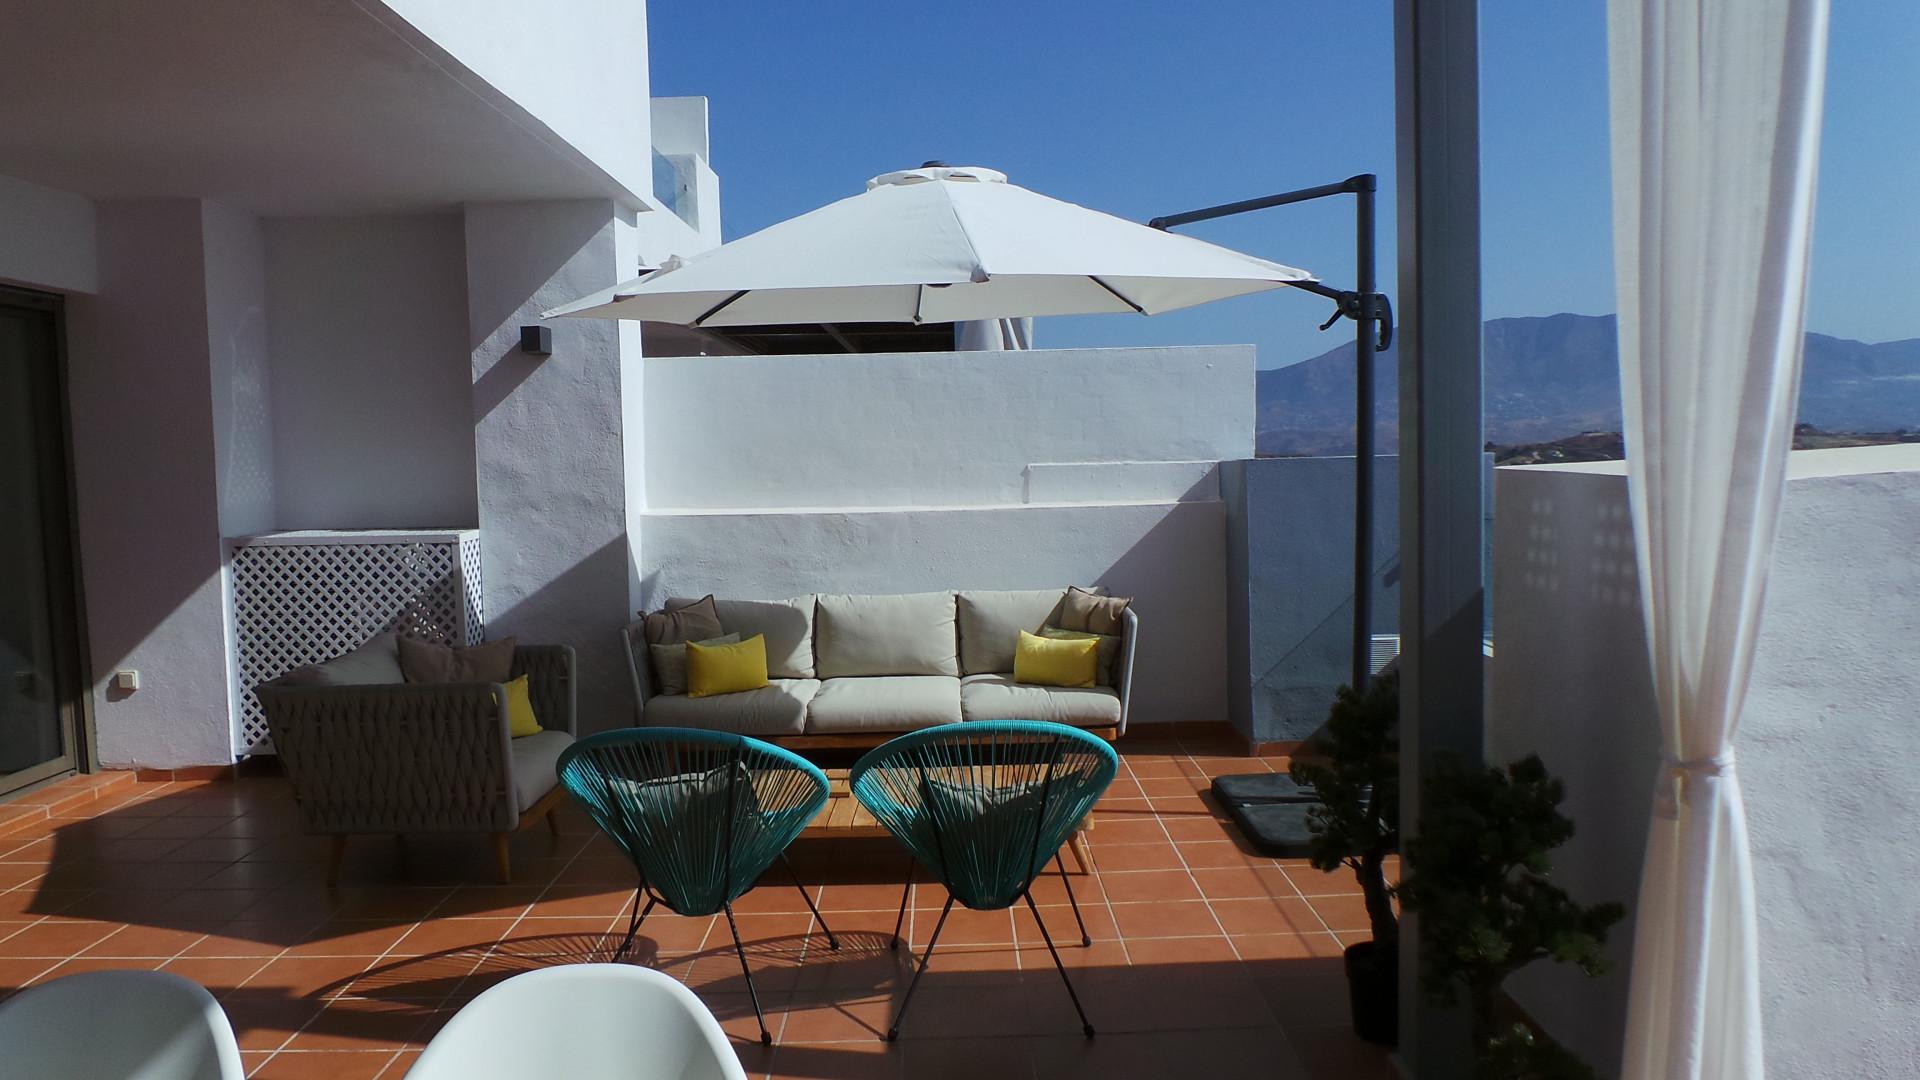 Appartement te koop met panoramisch zeezicht en de golfbaan voor de deur in Calanova Golf.PL149